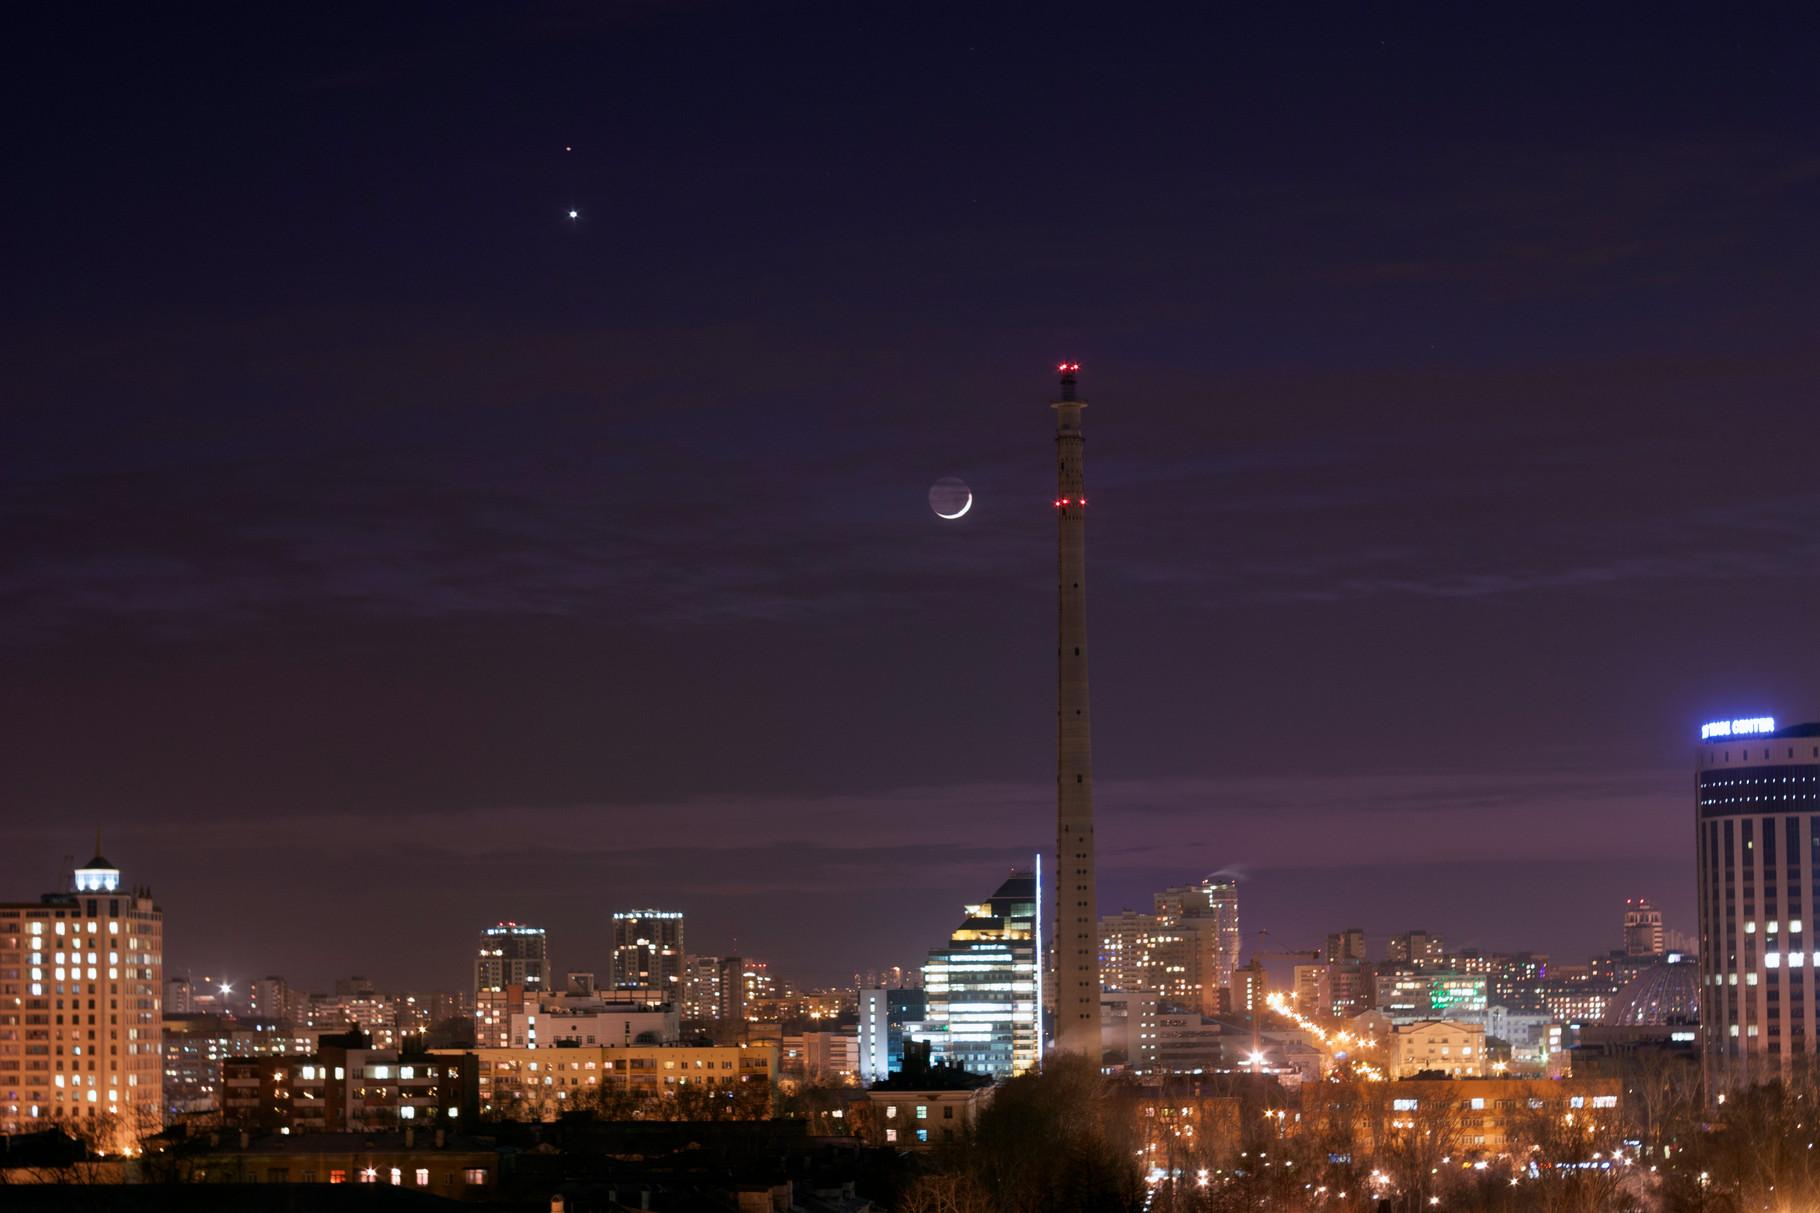 луна сейчас фото в екатеринбурге фиалка